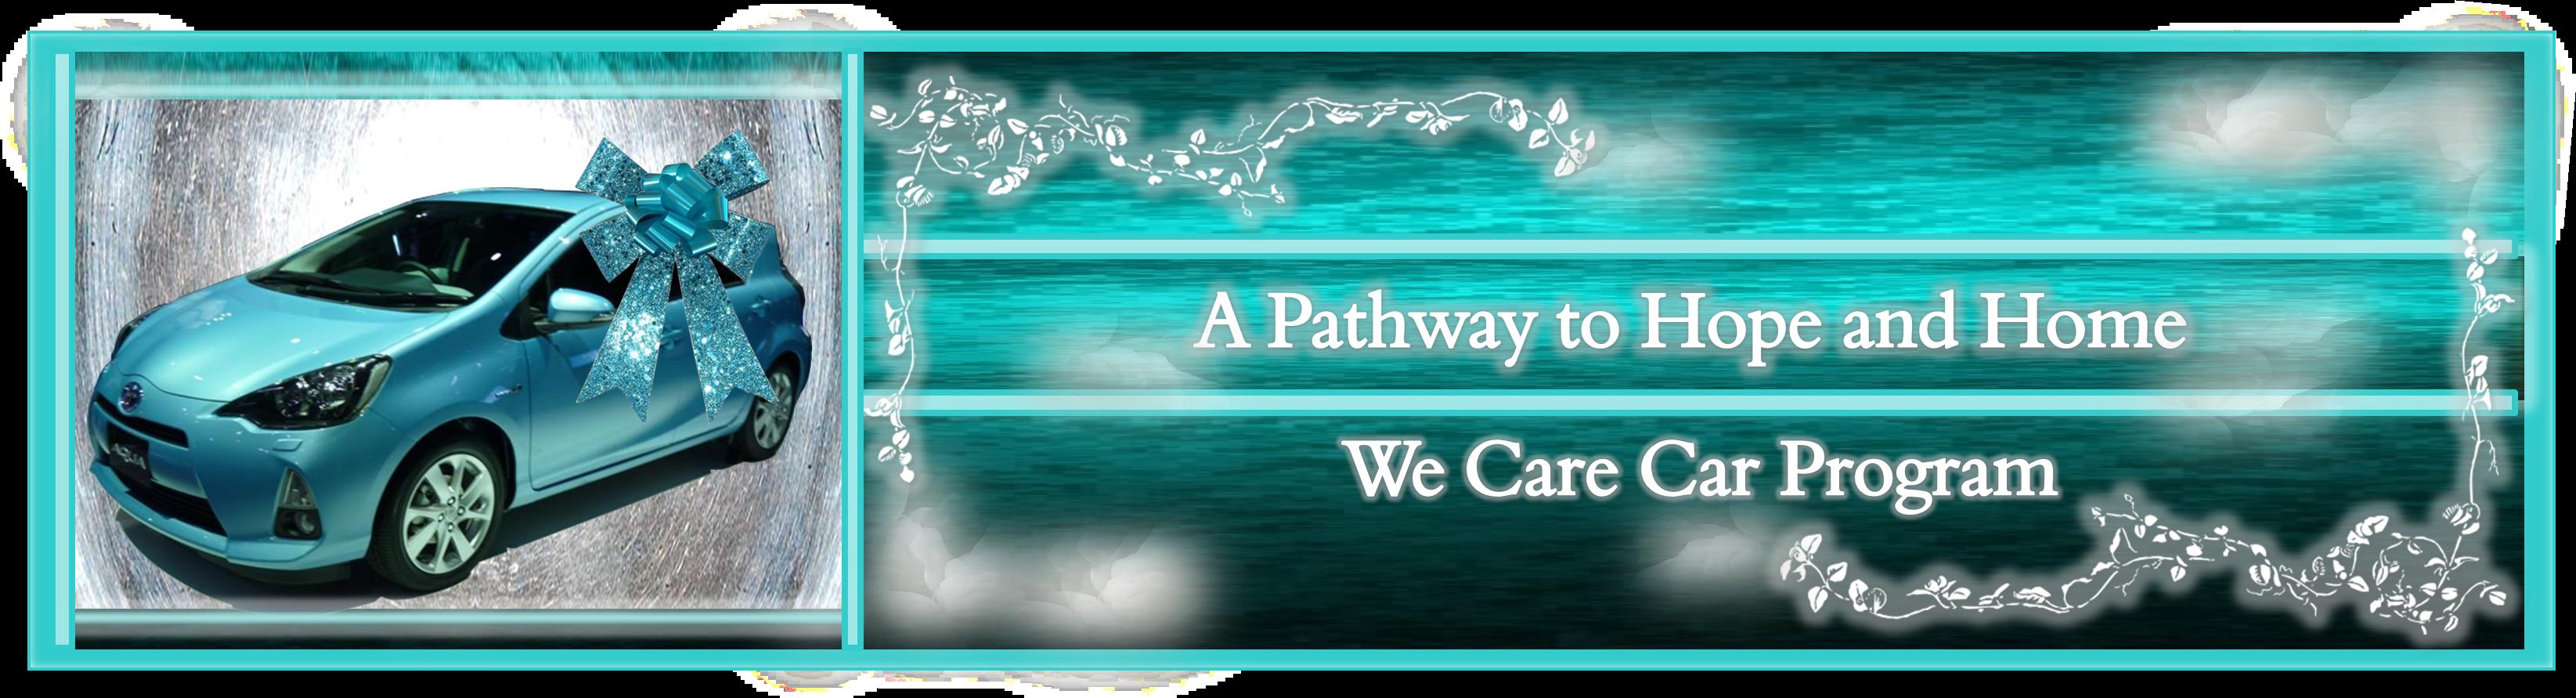 We Care Car Program